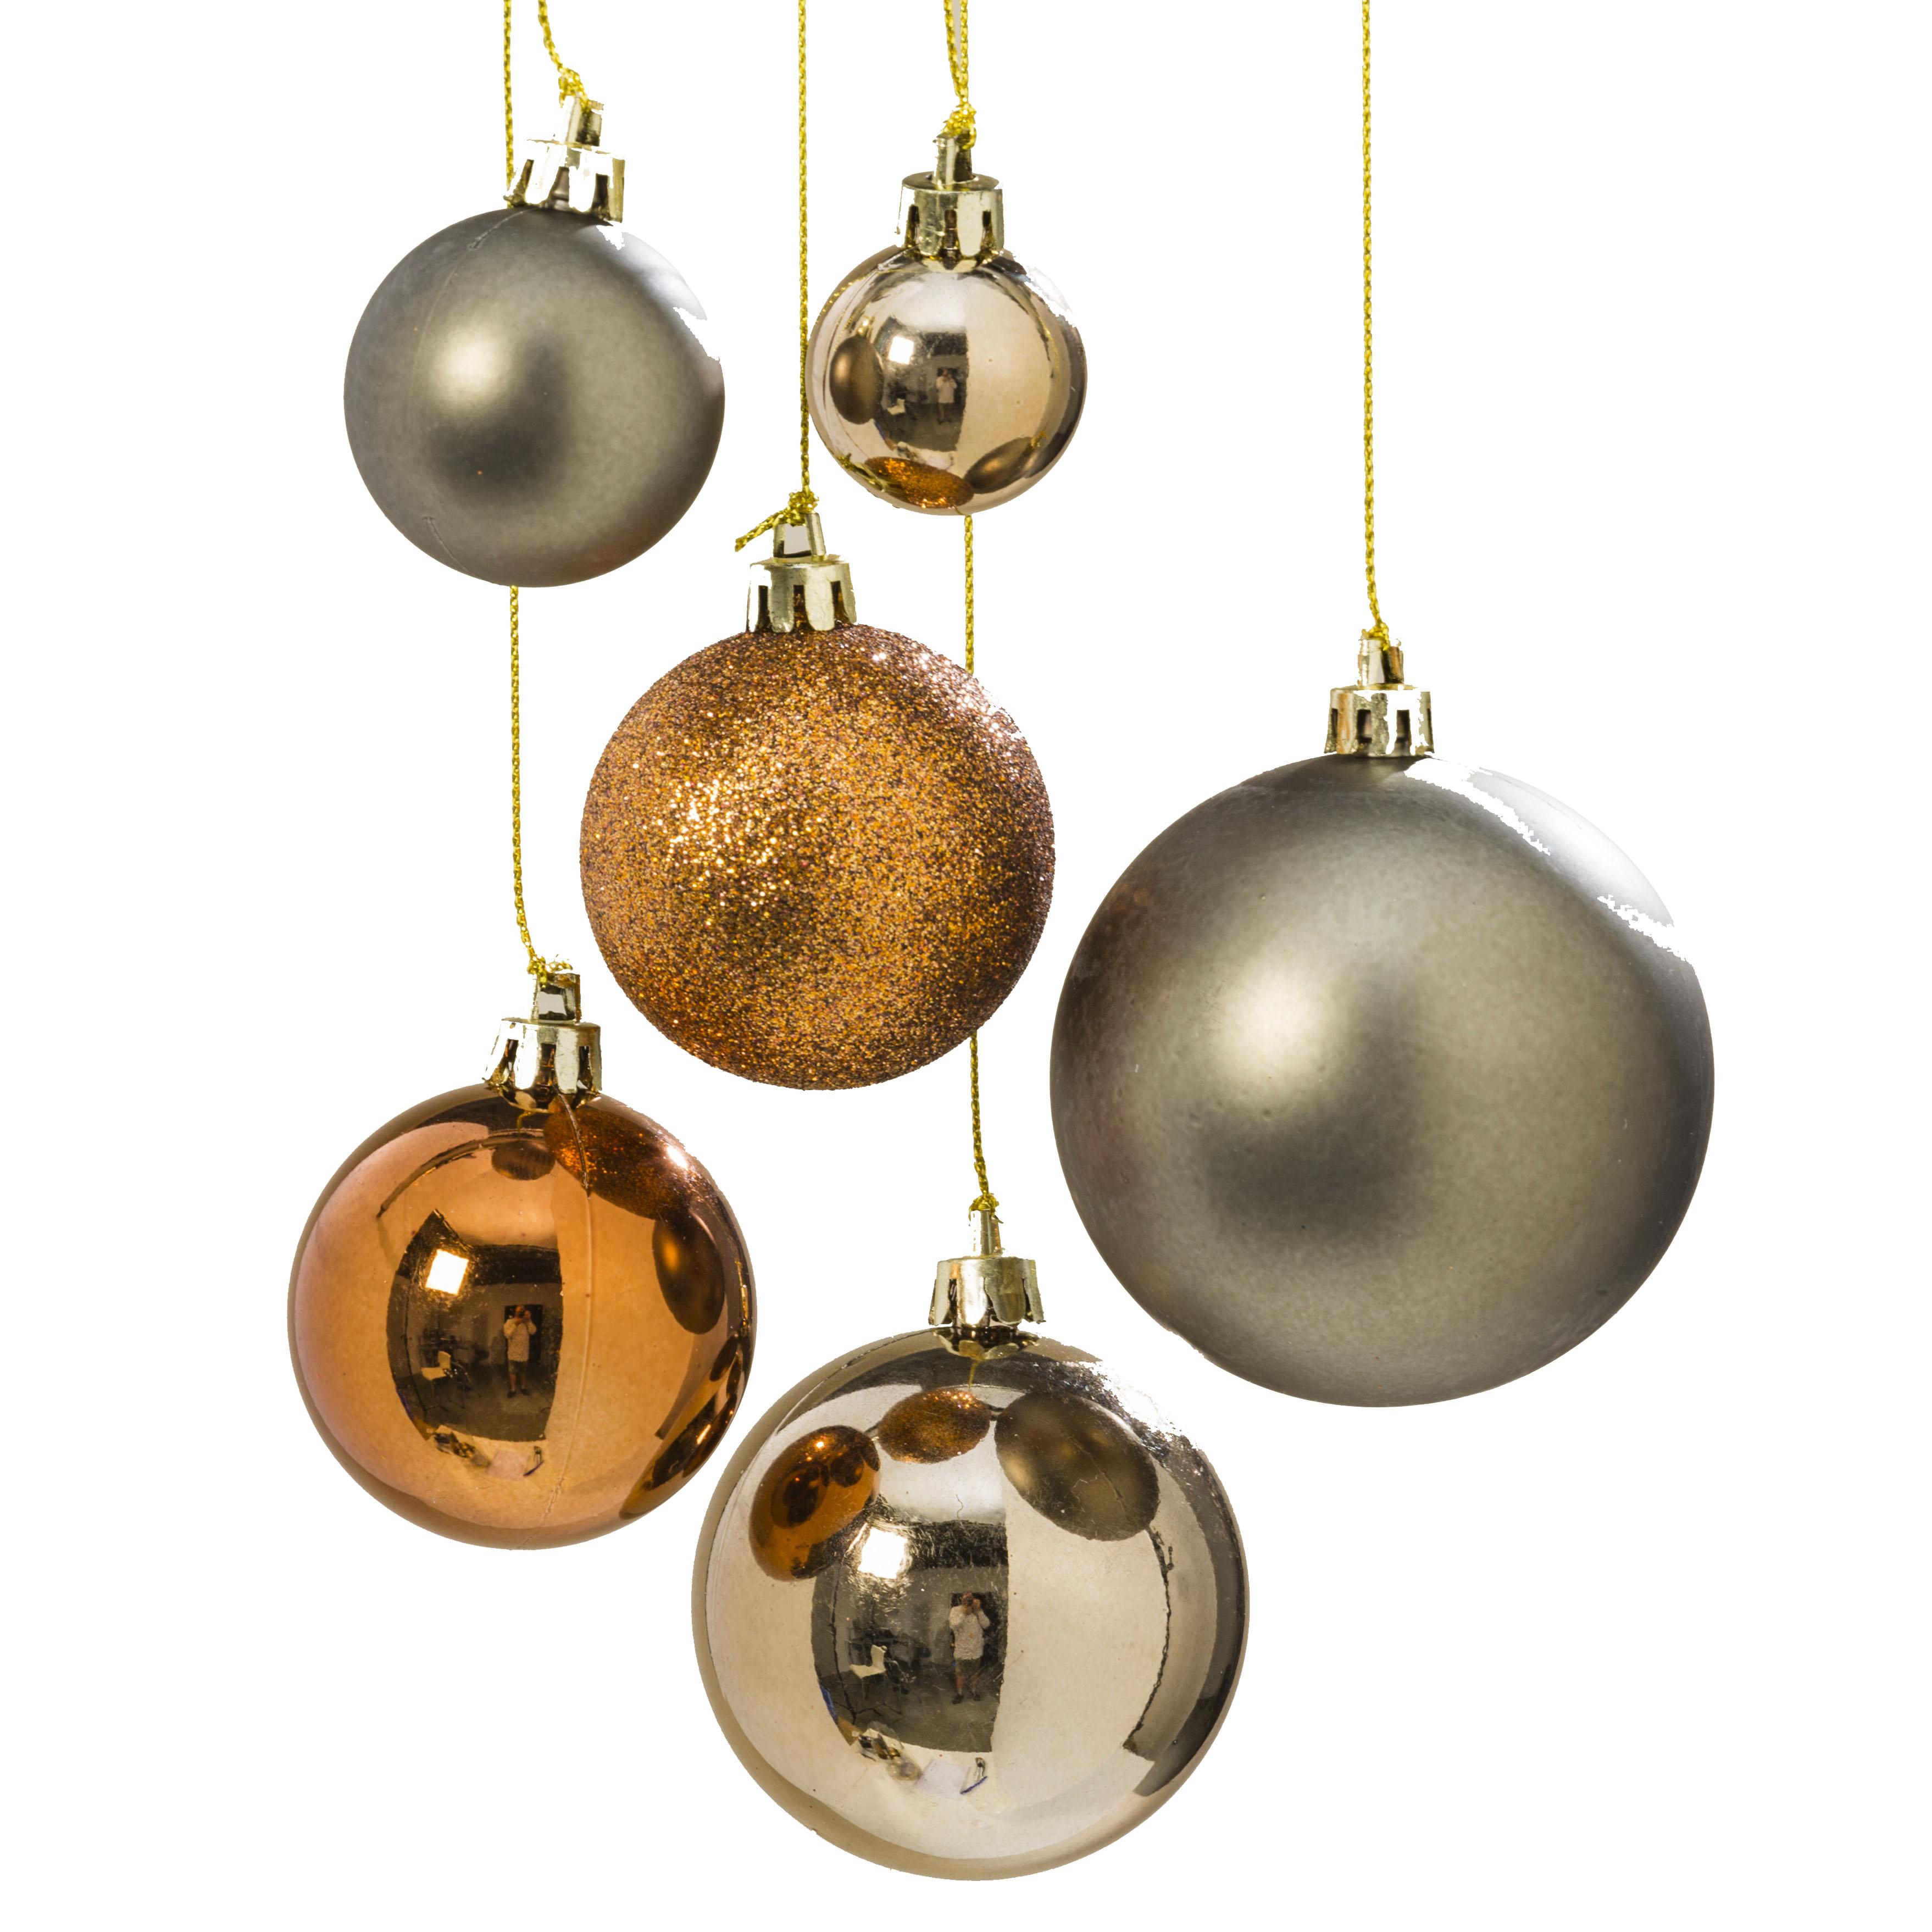 Christbaumkugeln Kupfer.Hanger Kugel Set Braun Gold 50tlg